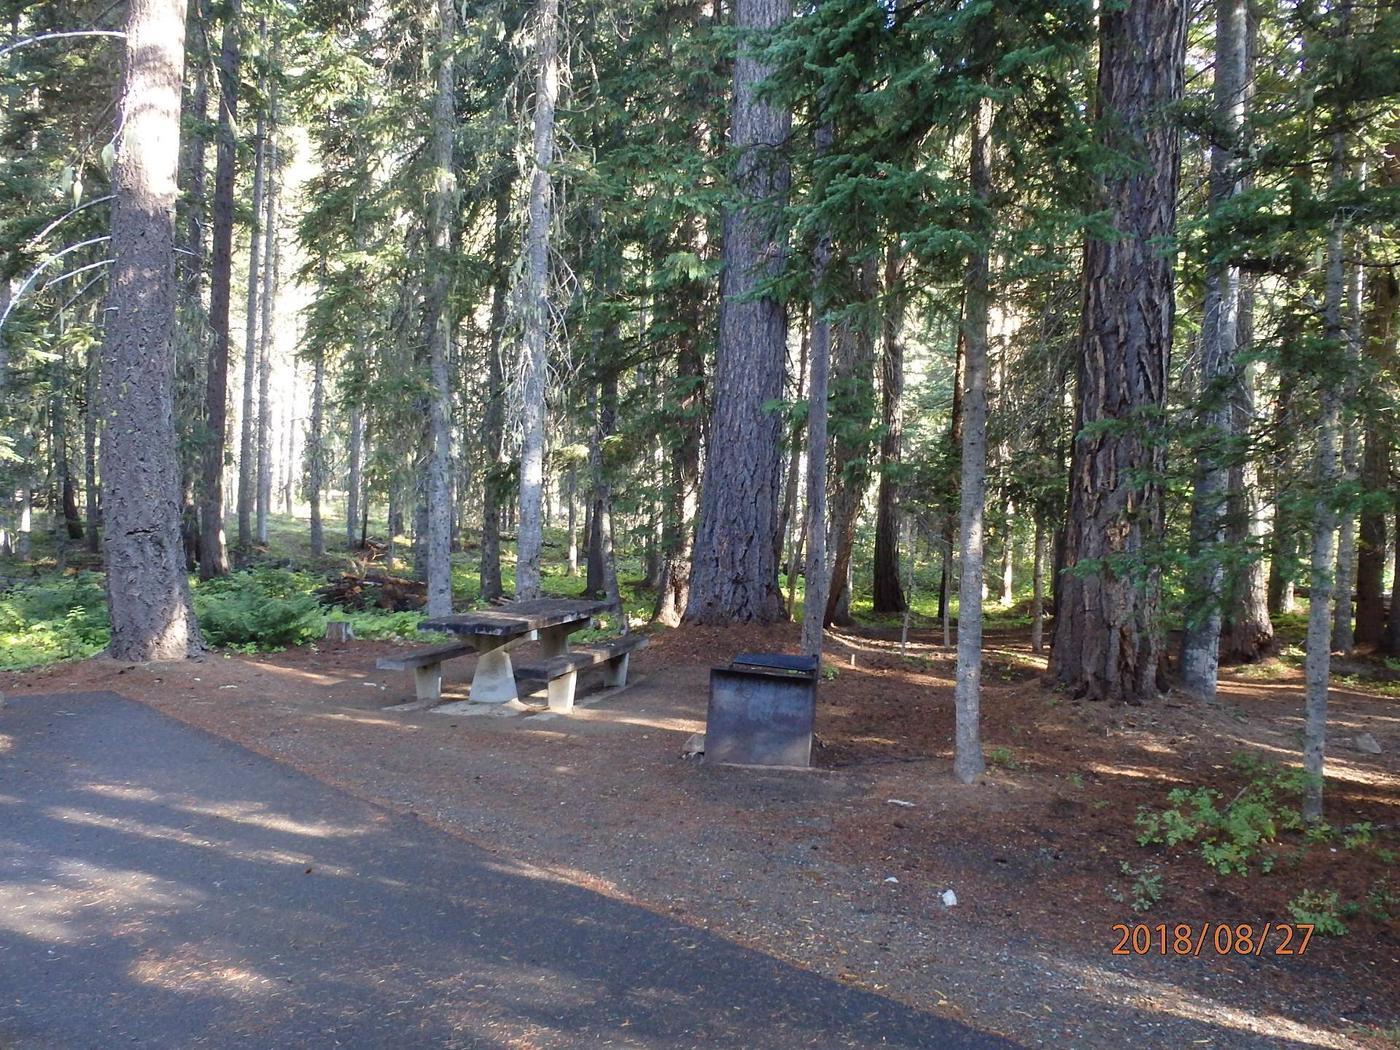 Lodge Pole CampgroundCampsite 8